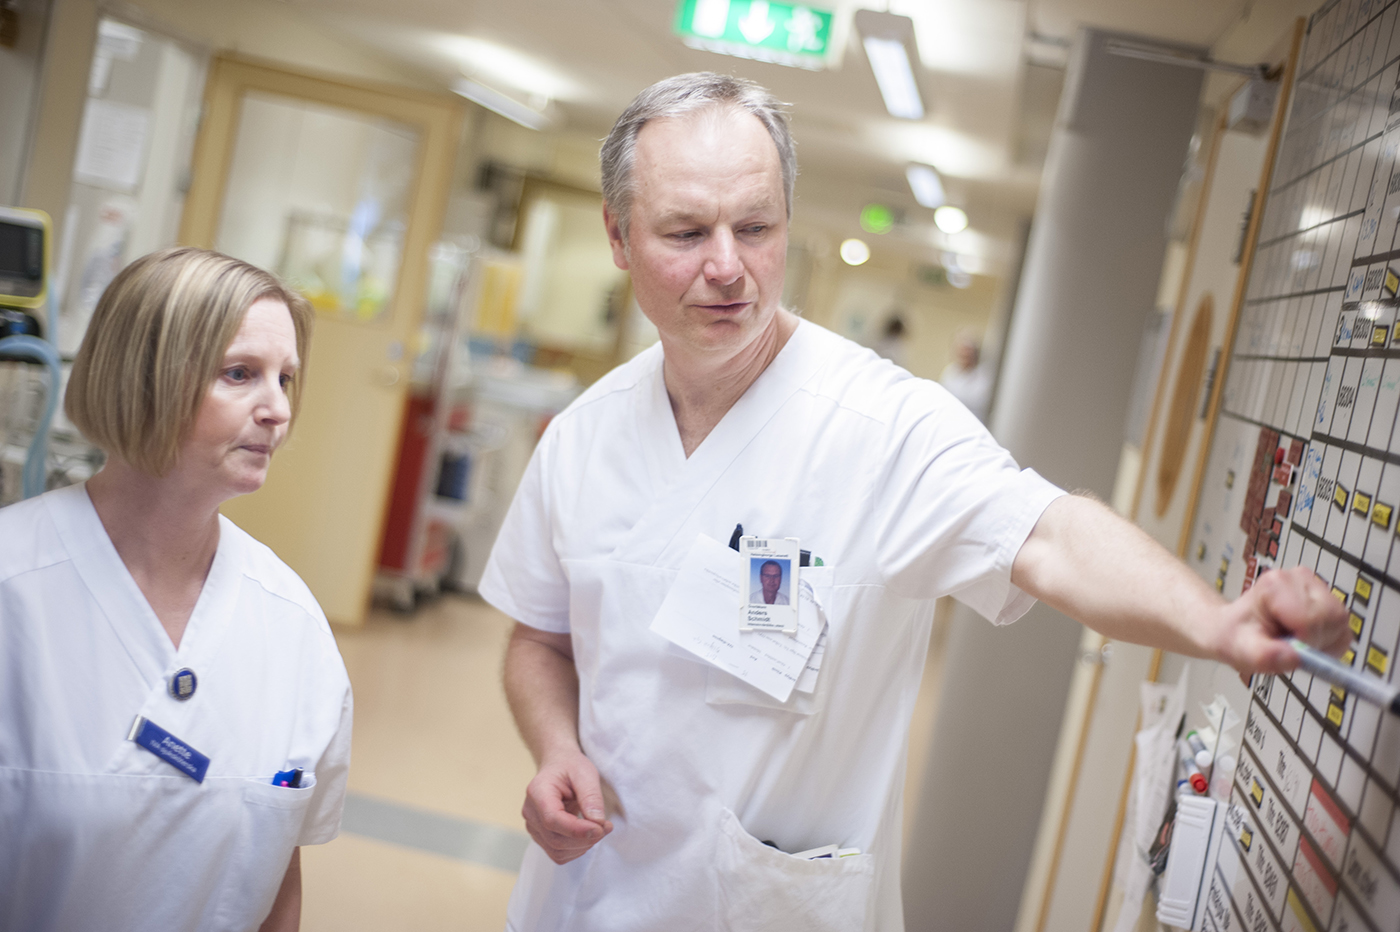 För Anette Ekberg, driftsansvarig sjuksköterska, och Anders Schmidt, medicinskt ansvarig på IVA i Helsingborg, innebär det en enorm stress varje gång en patient måste flyttas till en annan IVA på ett annat sjukhus. Något som blivit ett normaltillstånd. Foto: Li Fernstedt